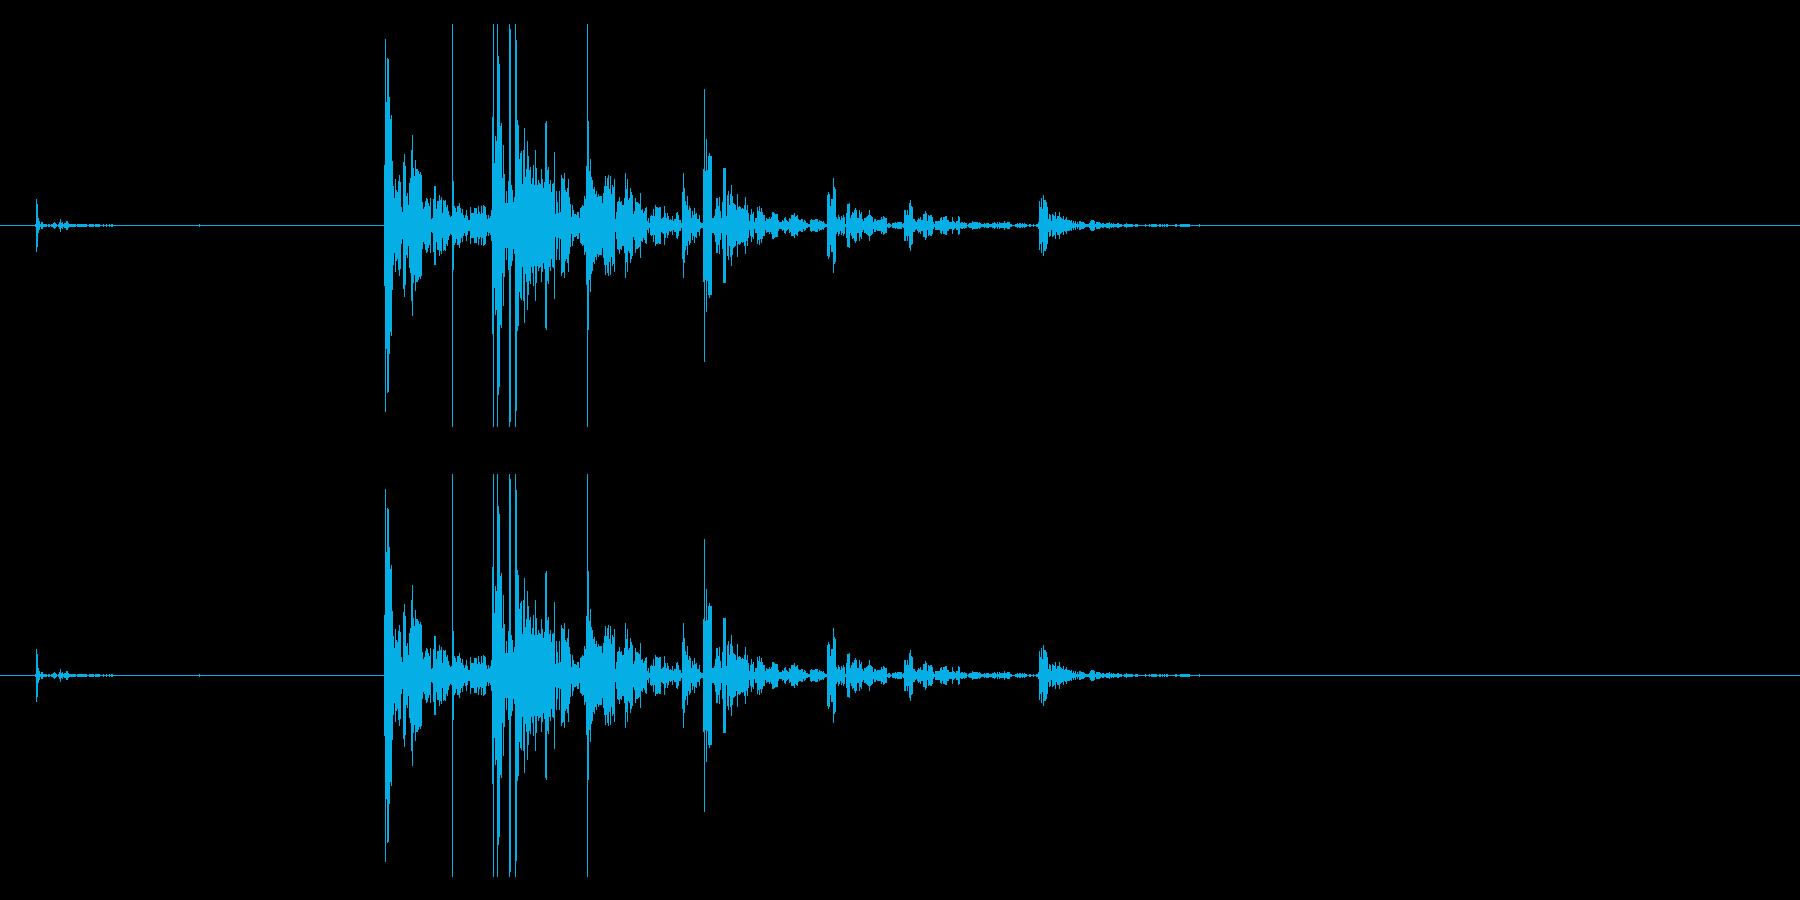 【生録音】サイコロを振る音 2の再生済みの波形